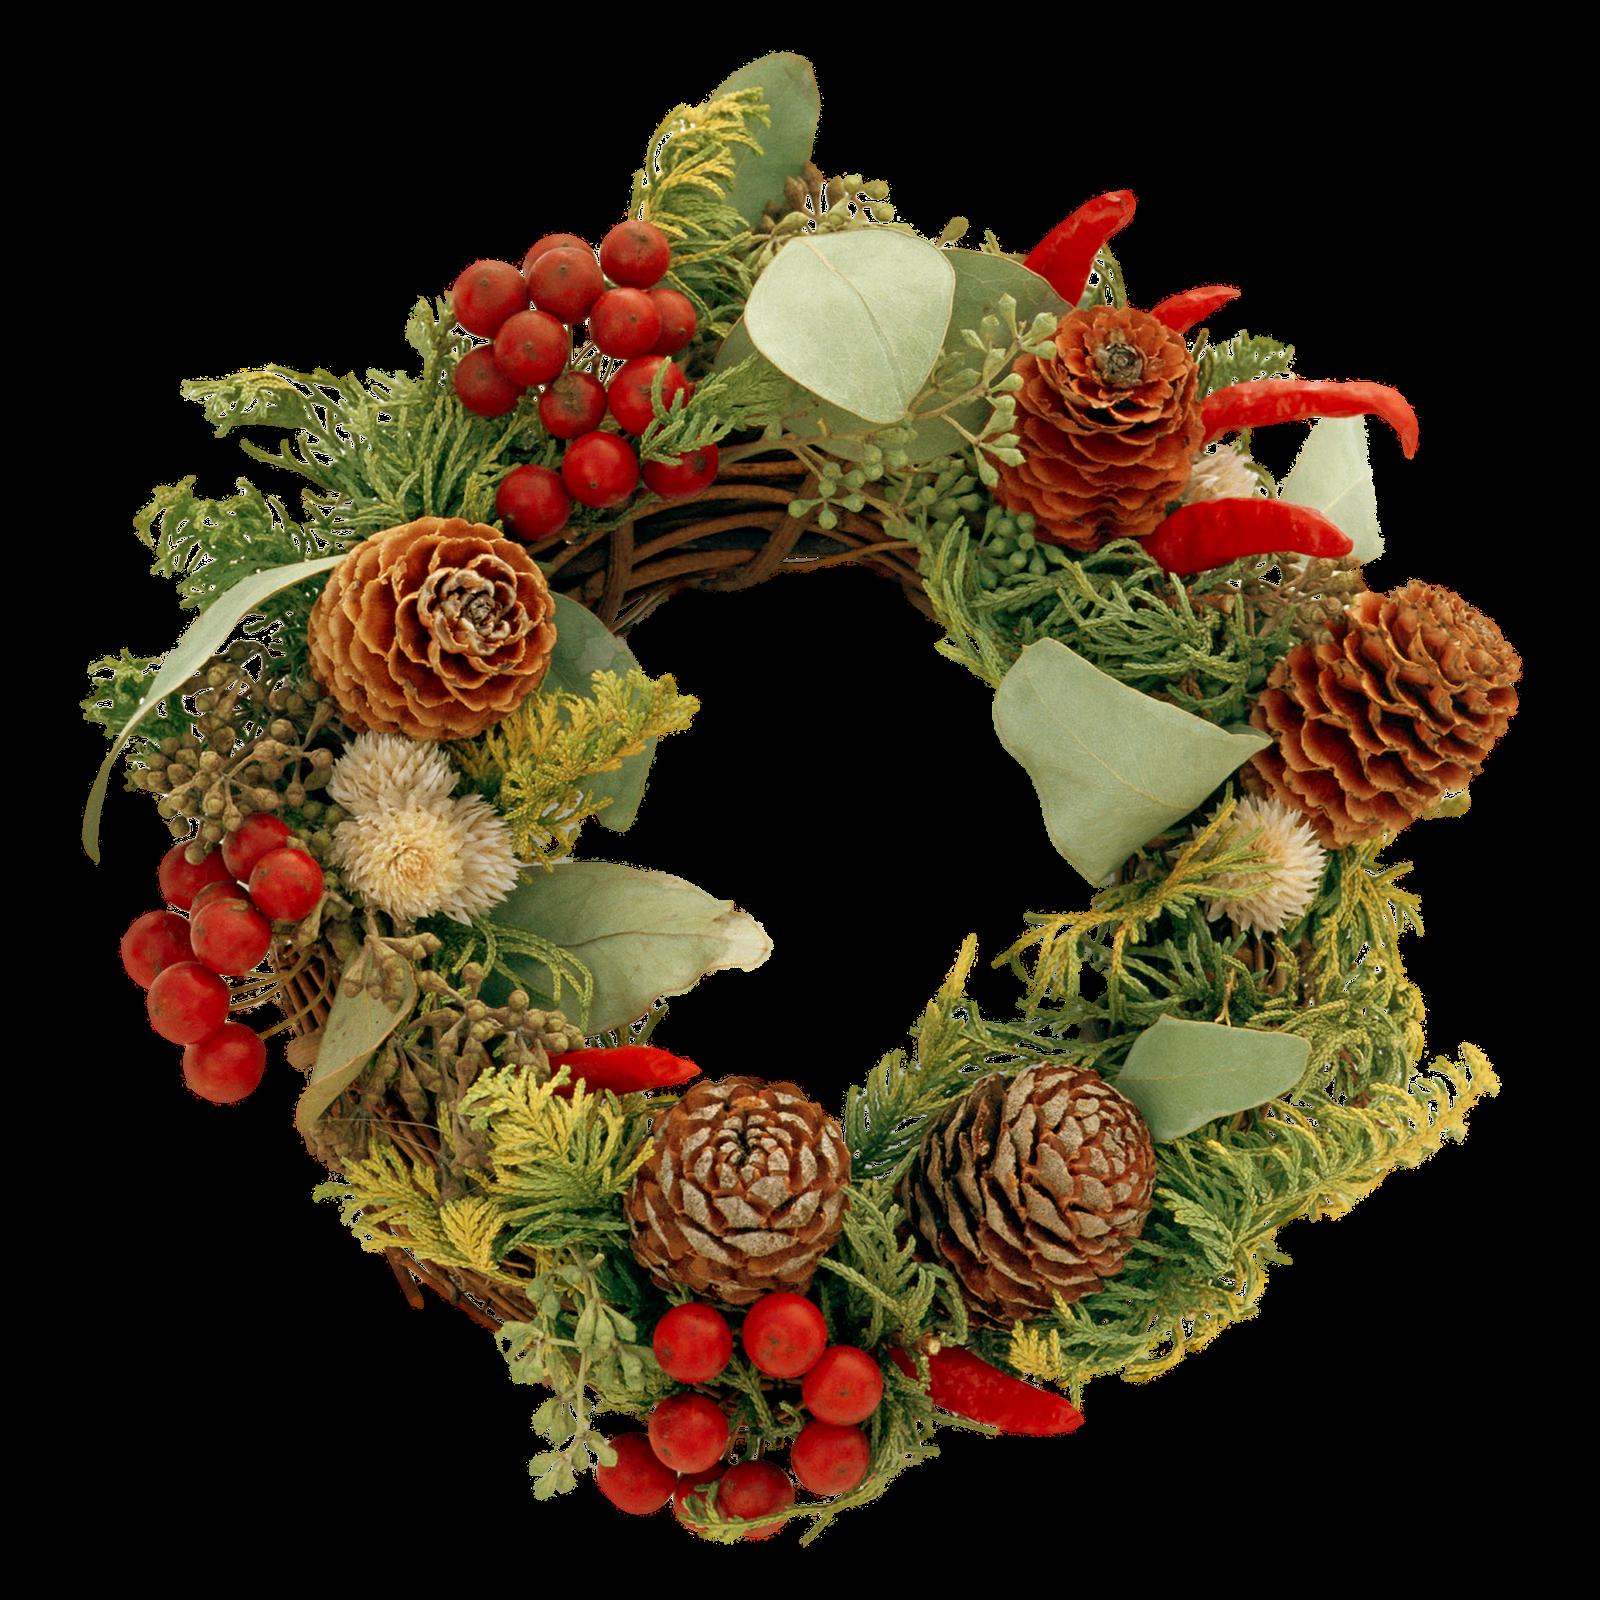 De Pantalla y Mucho M s Gifs de Coronas de Navidad PNG